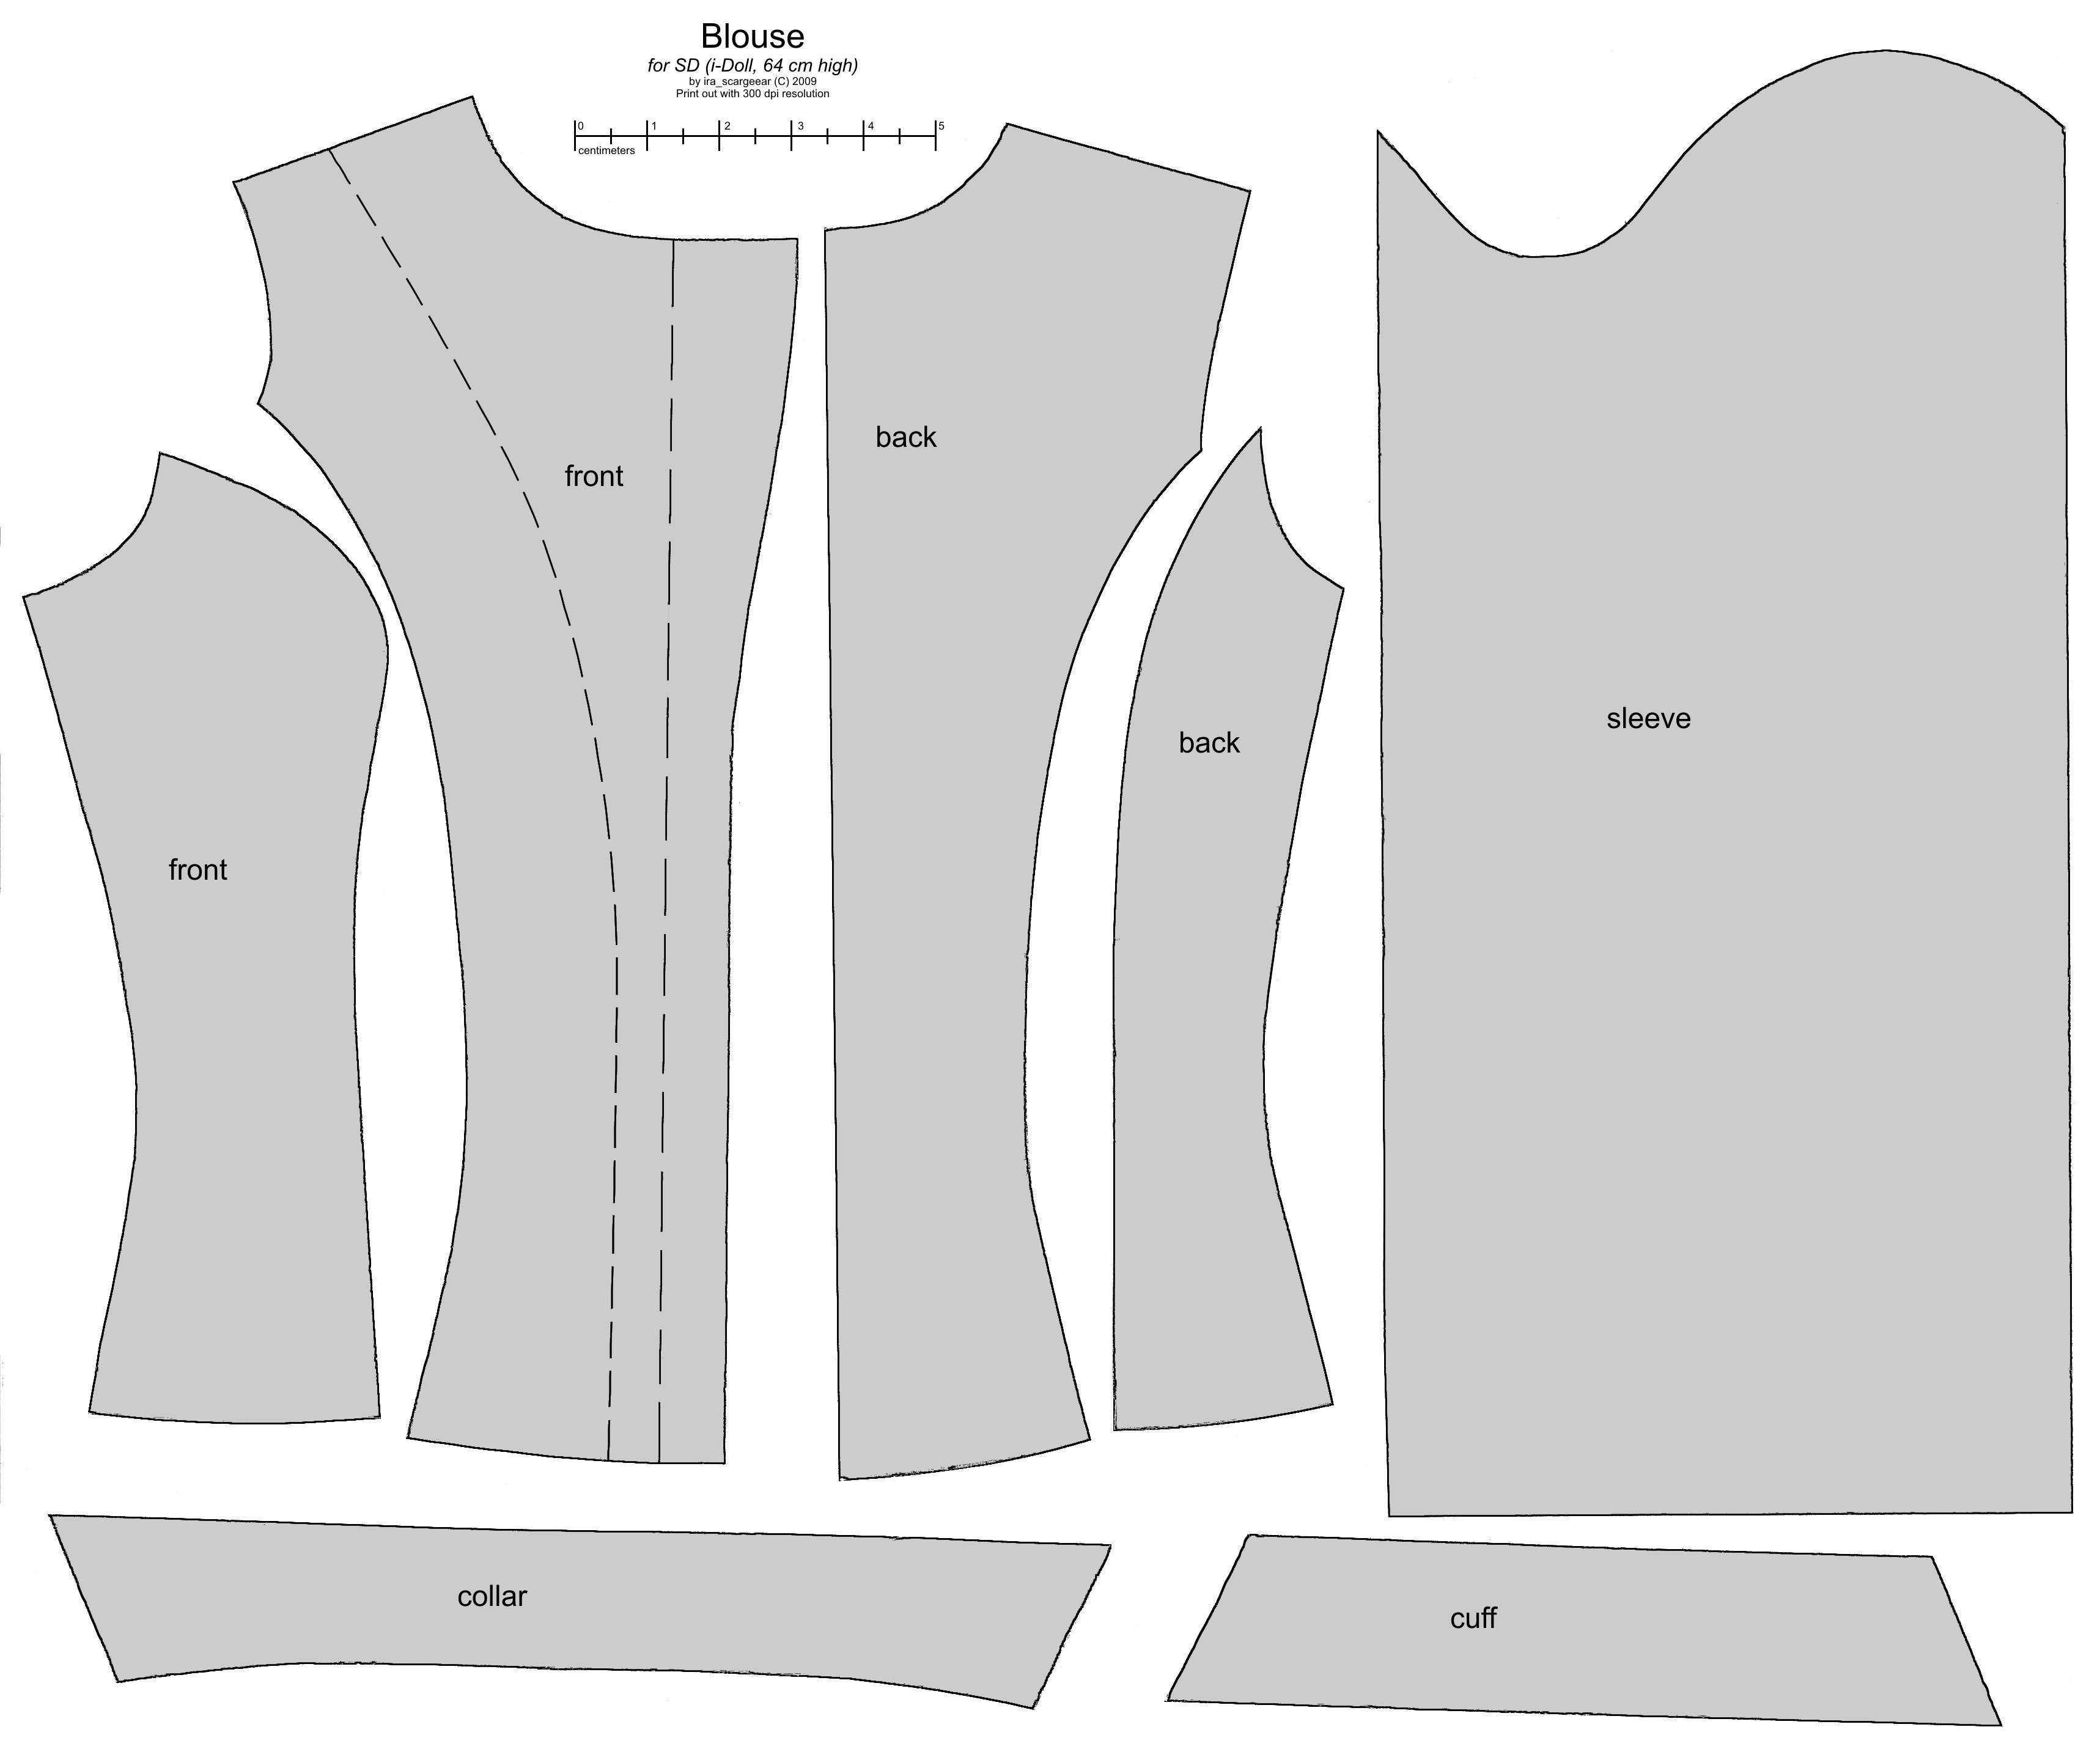 how to make bjd shirt seethrough